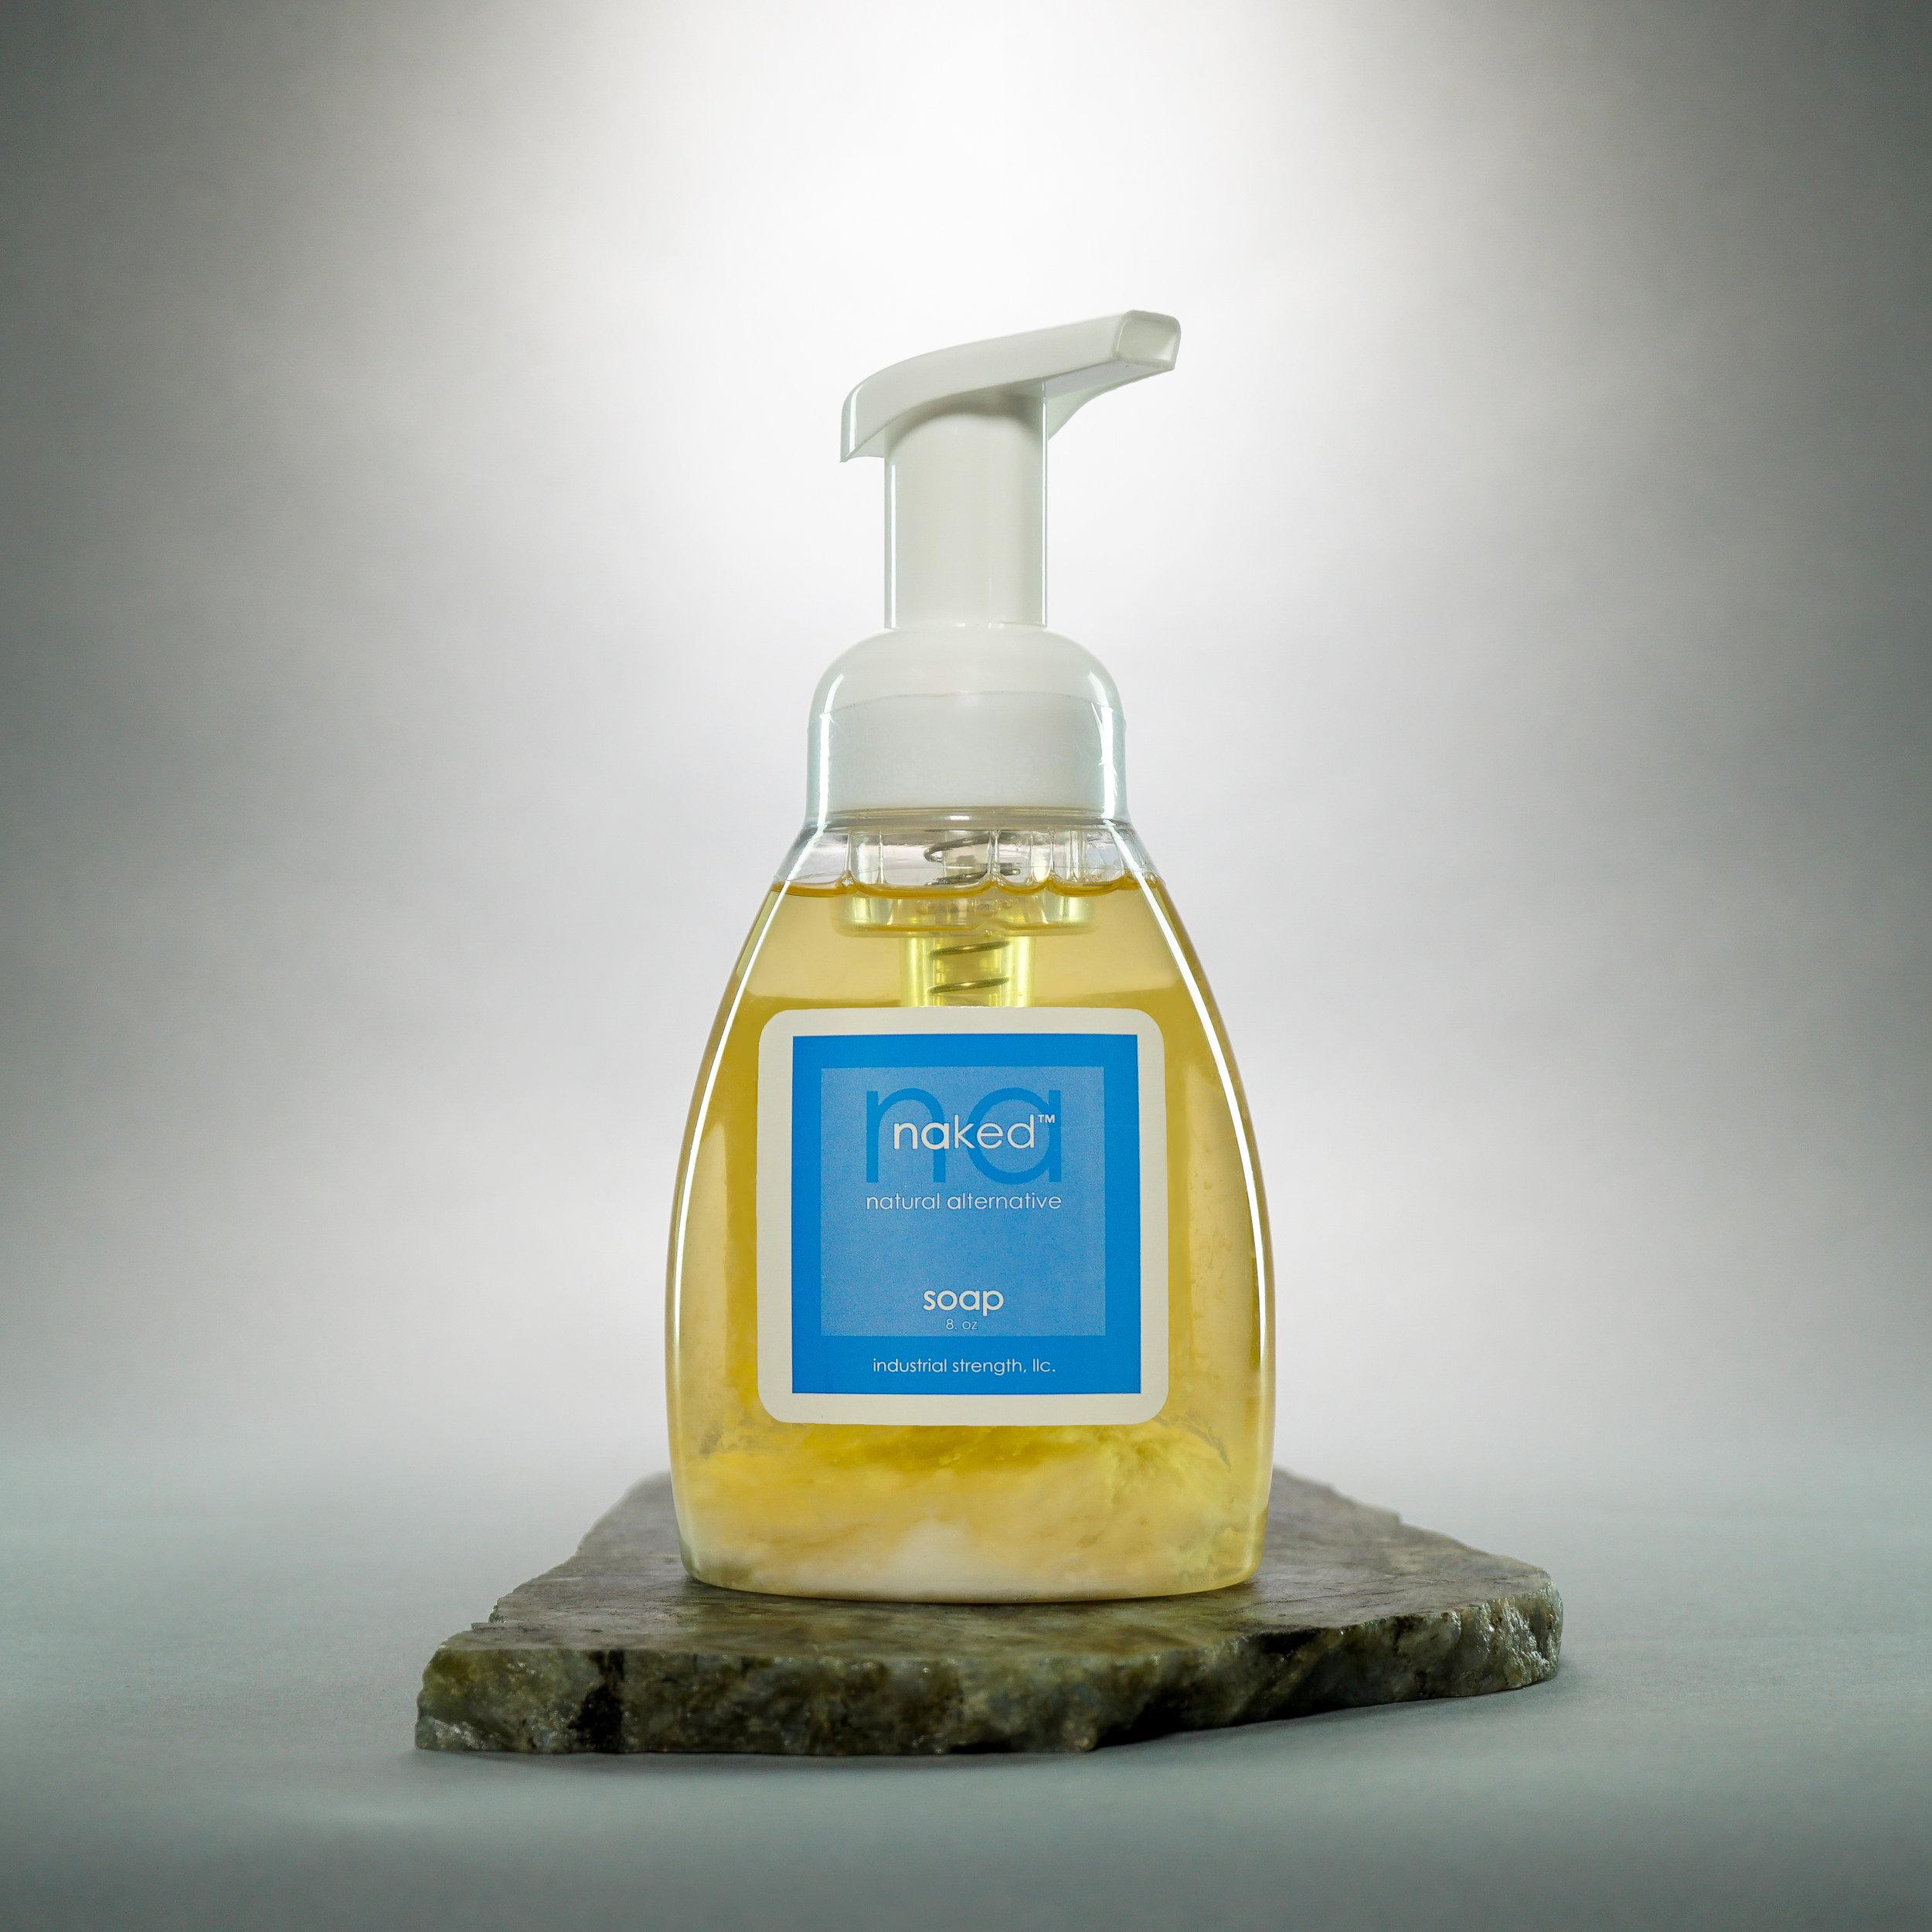 Naked soap final.jpg